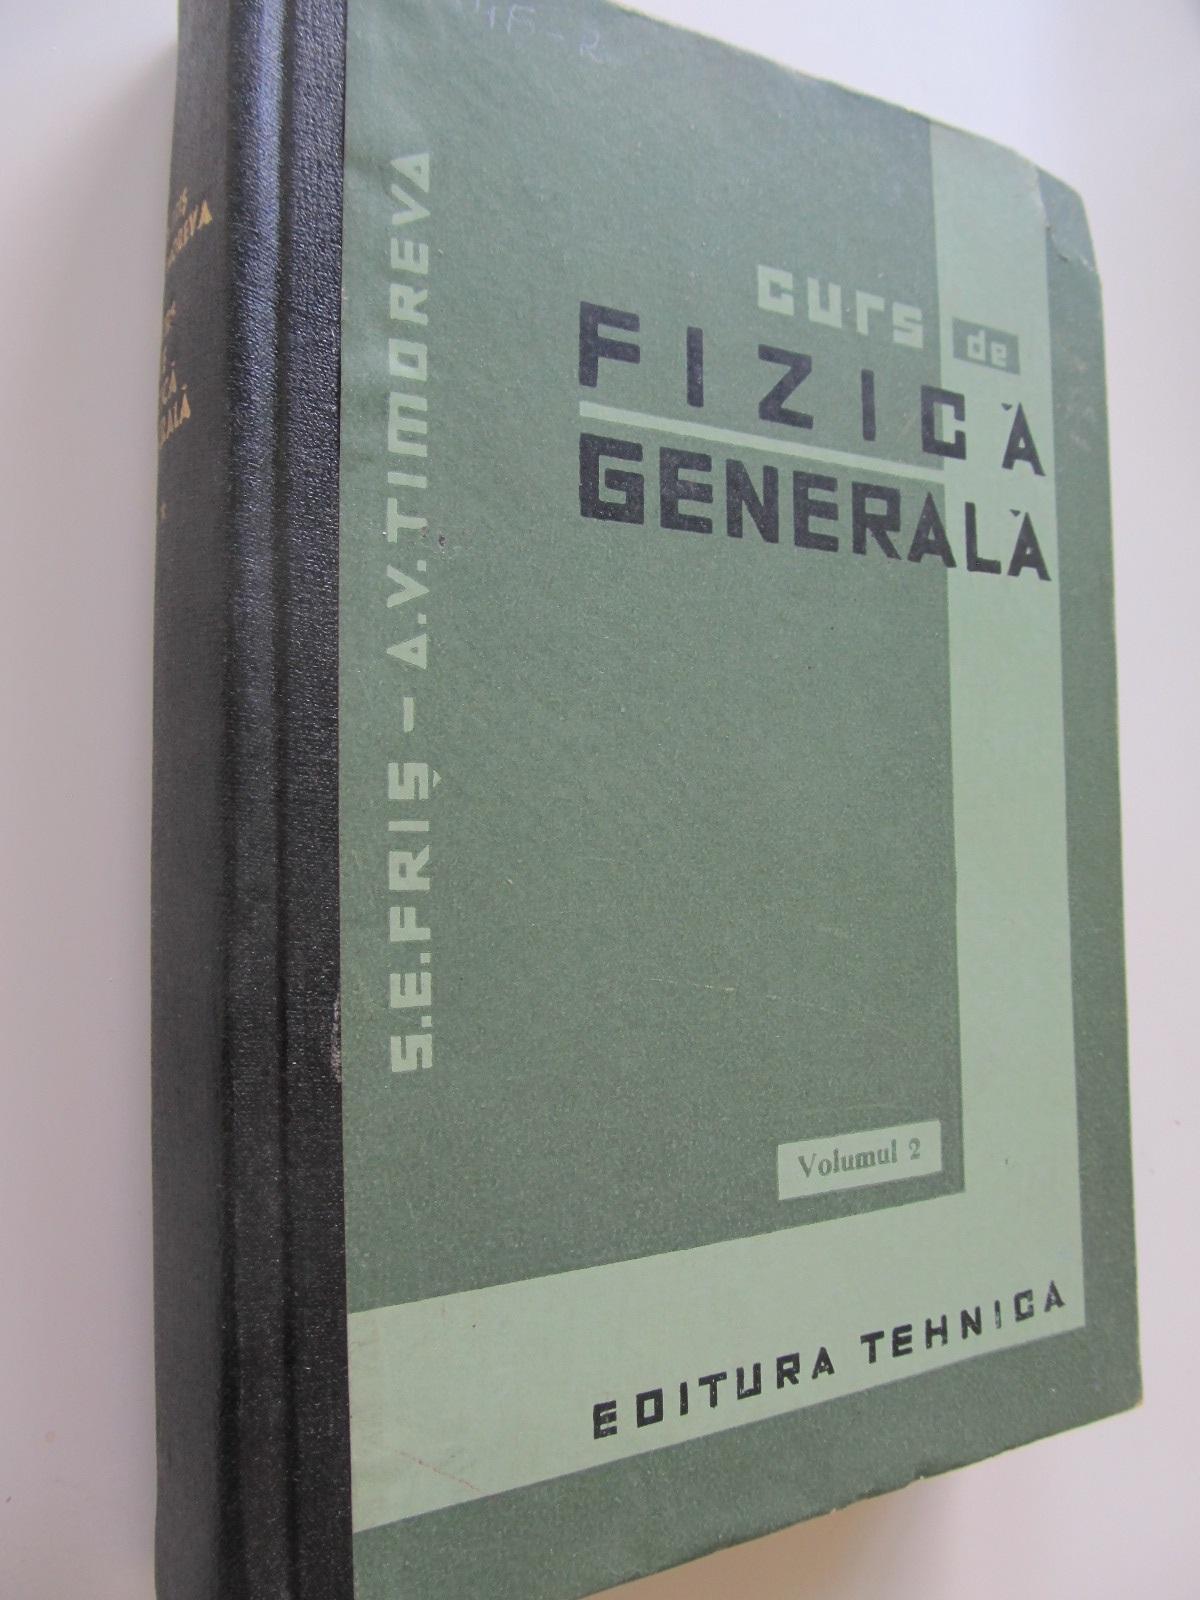 Curs de Fizica generala (Vol. 2) - electrostatica,electromagnetism,curent continuu - S. E. Fris , V. Timoreva | Detalii carte